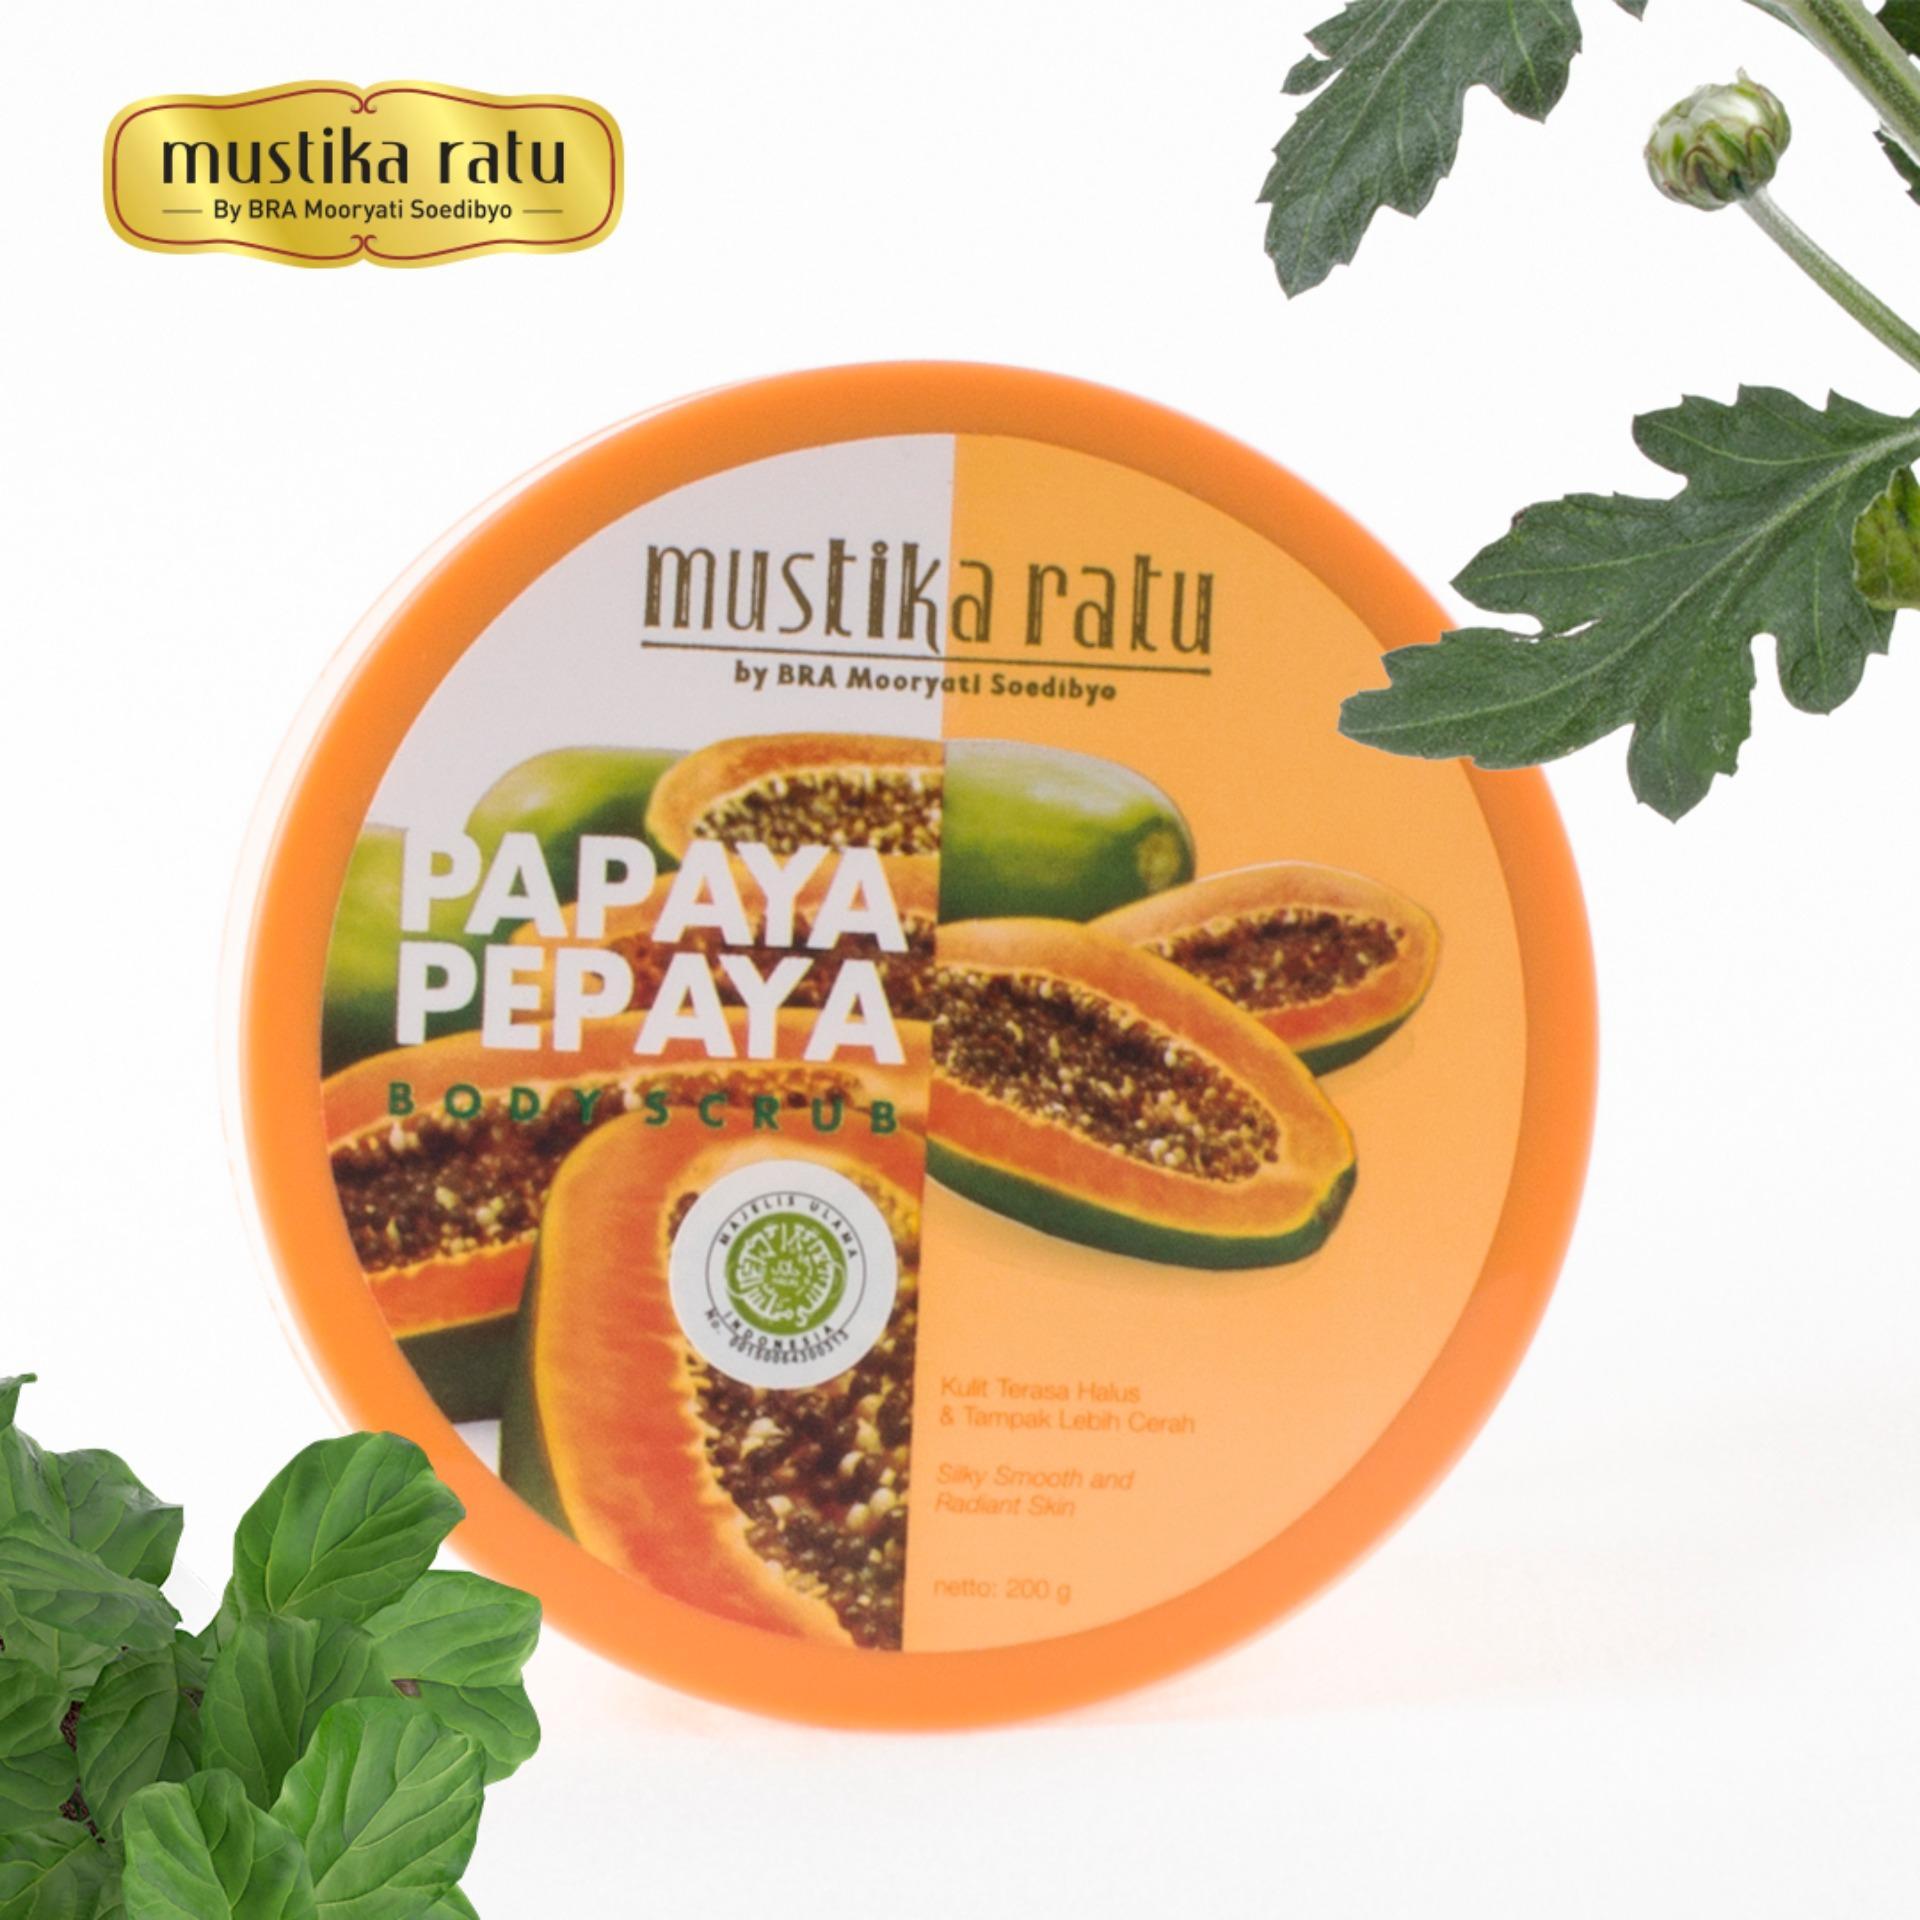 Mustika Ratu Pepaya Body Scrub / Papaya Body Scrup (200 g)